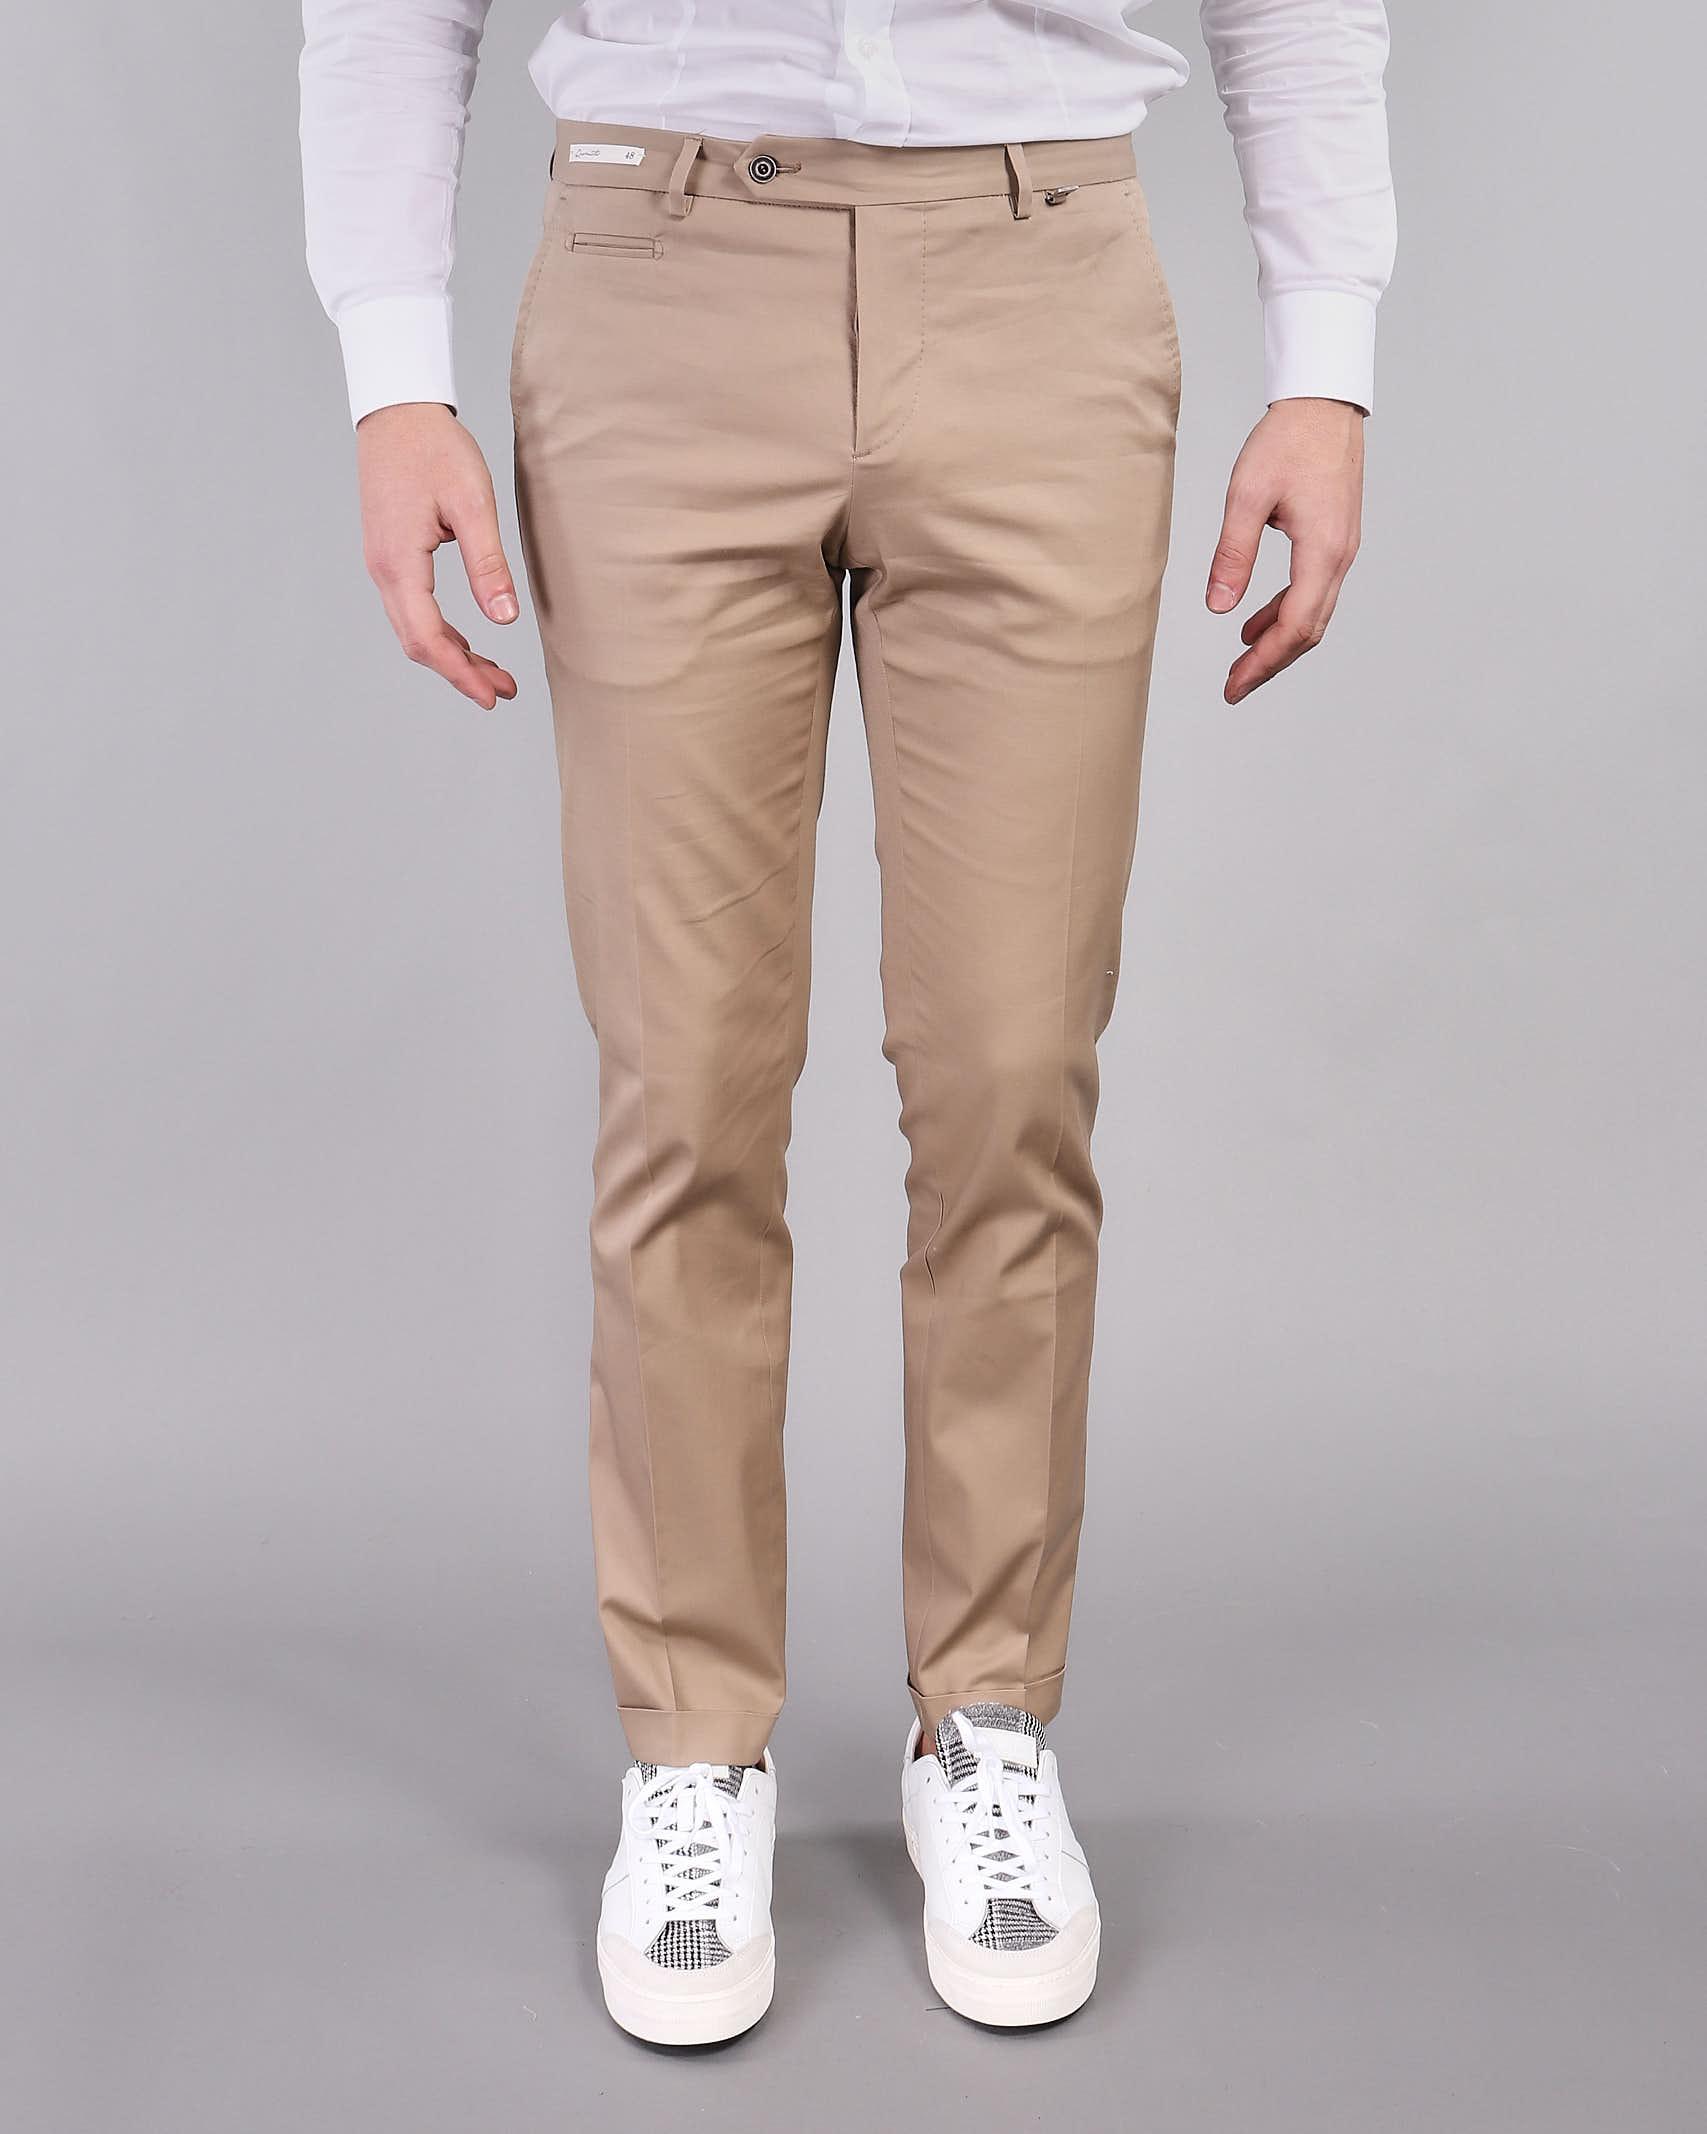 Pantalone tasca america Paoloni PAOLONI | Pantalone | 3012P102G21000222